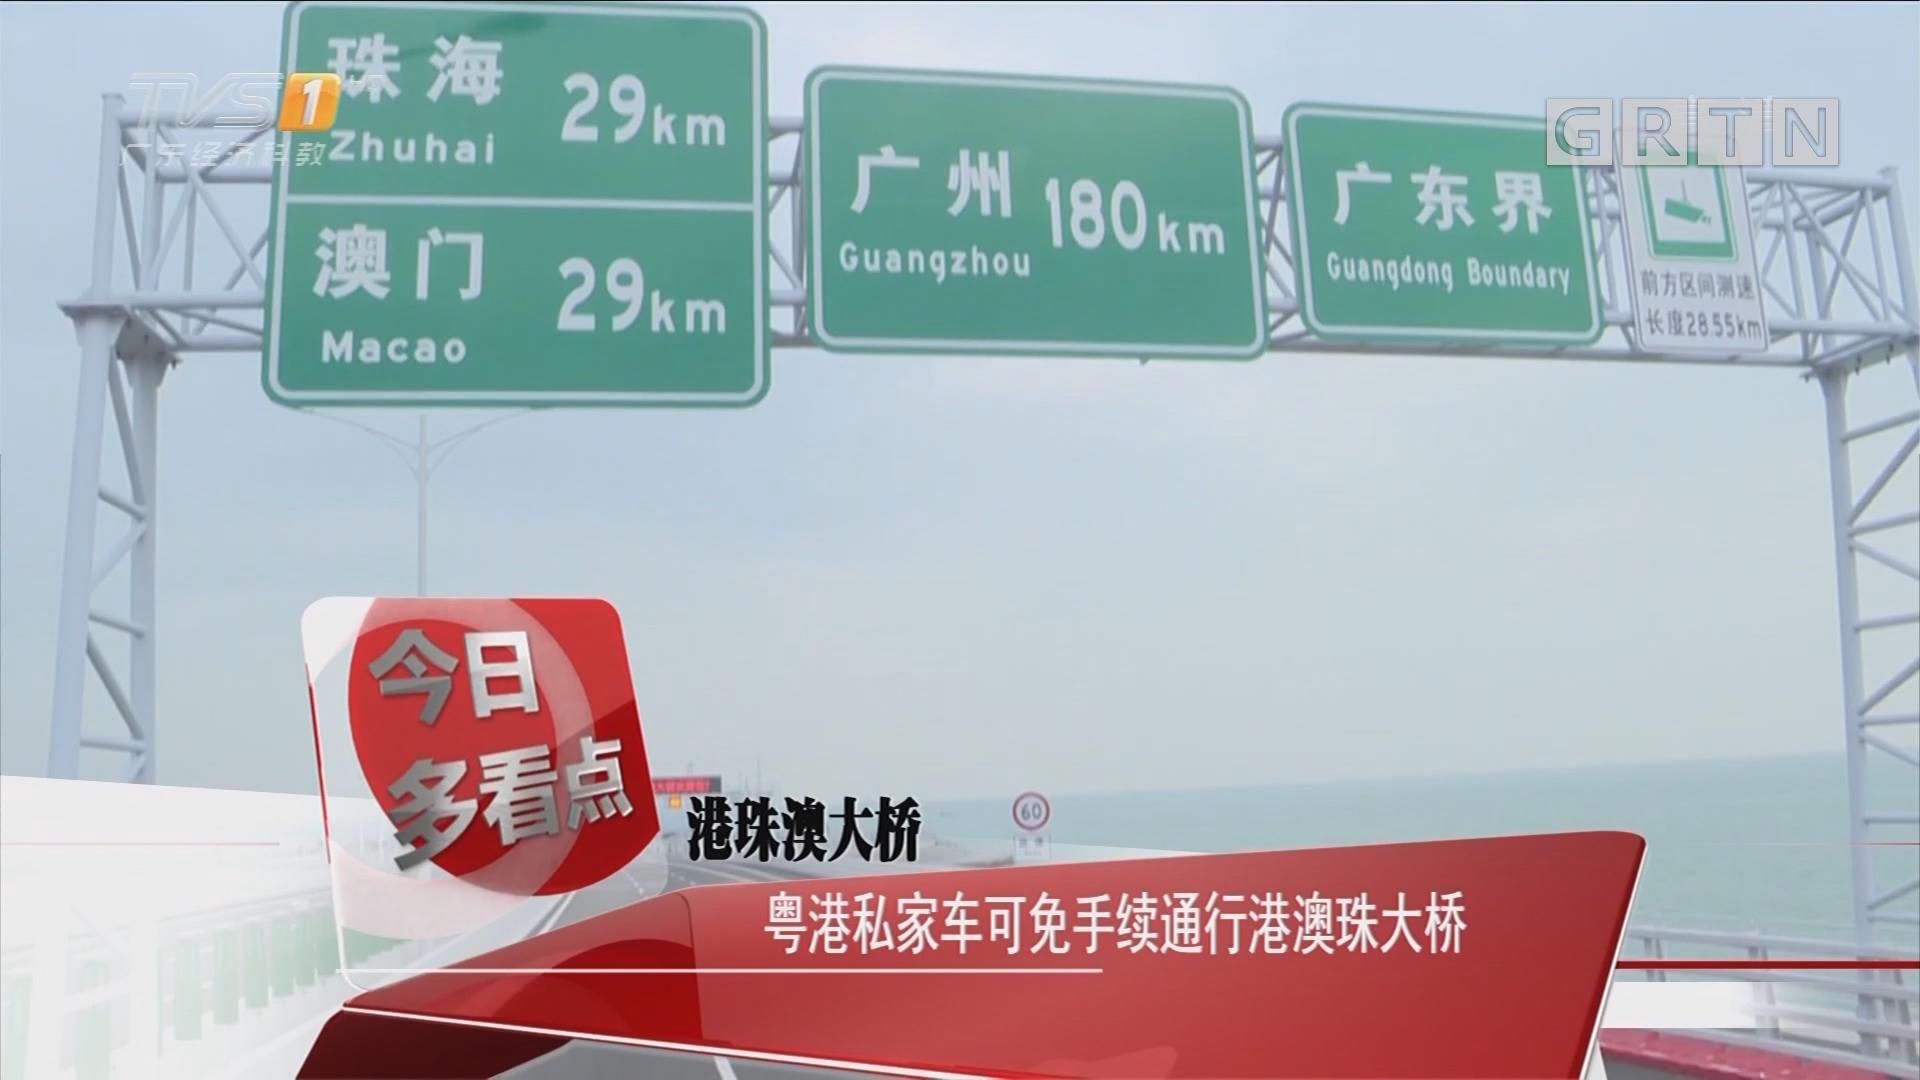 港珠澳大桥:粤港私家车可免手续通行港澳珠大桥